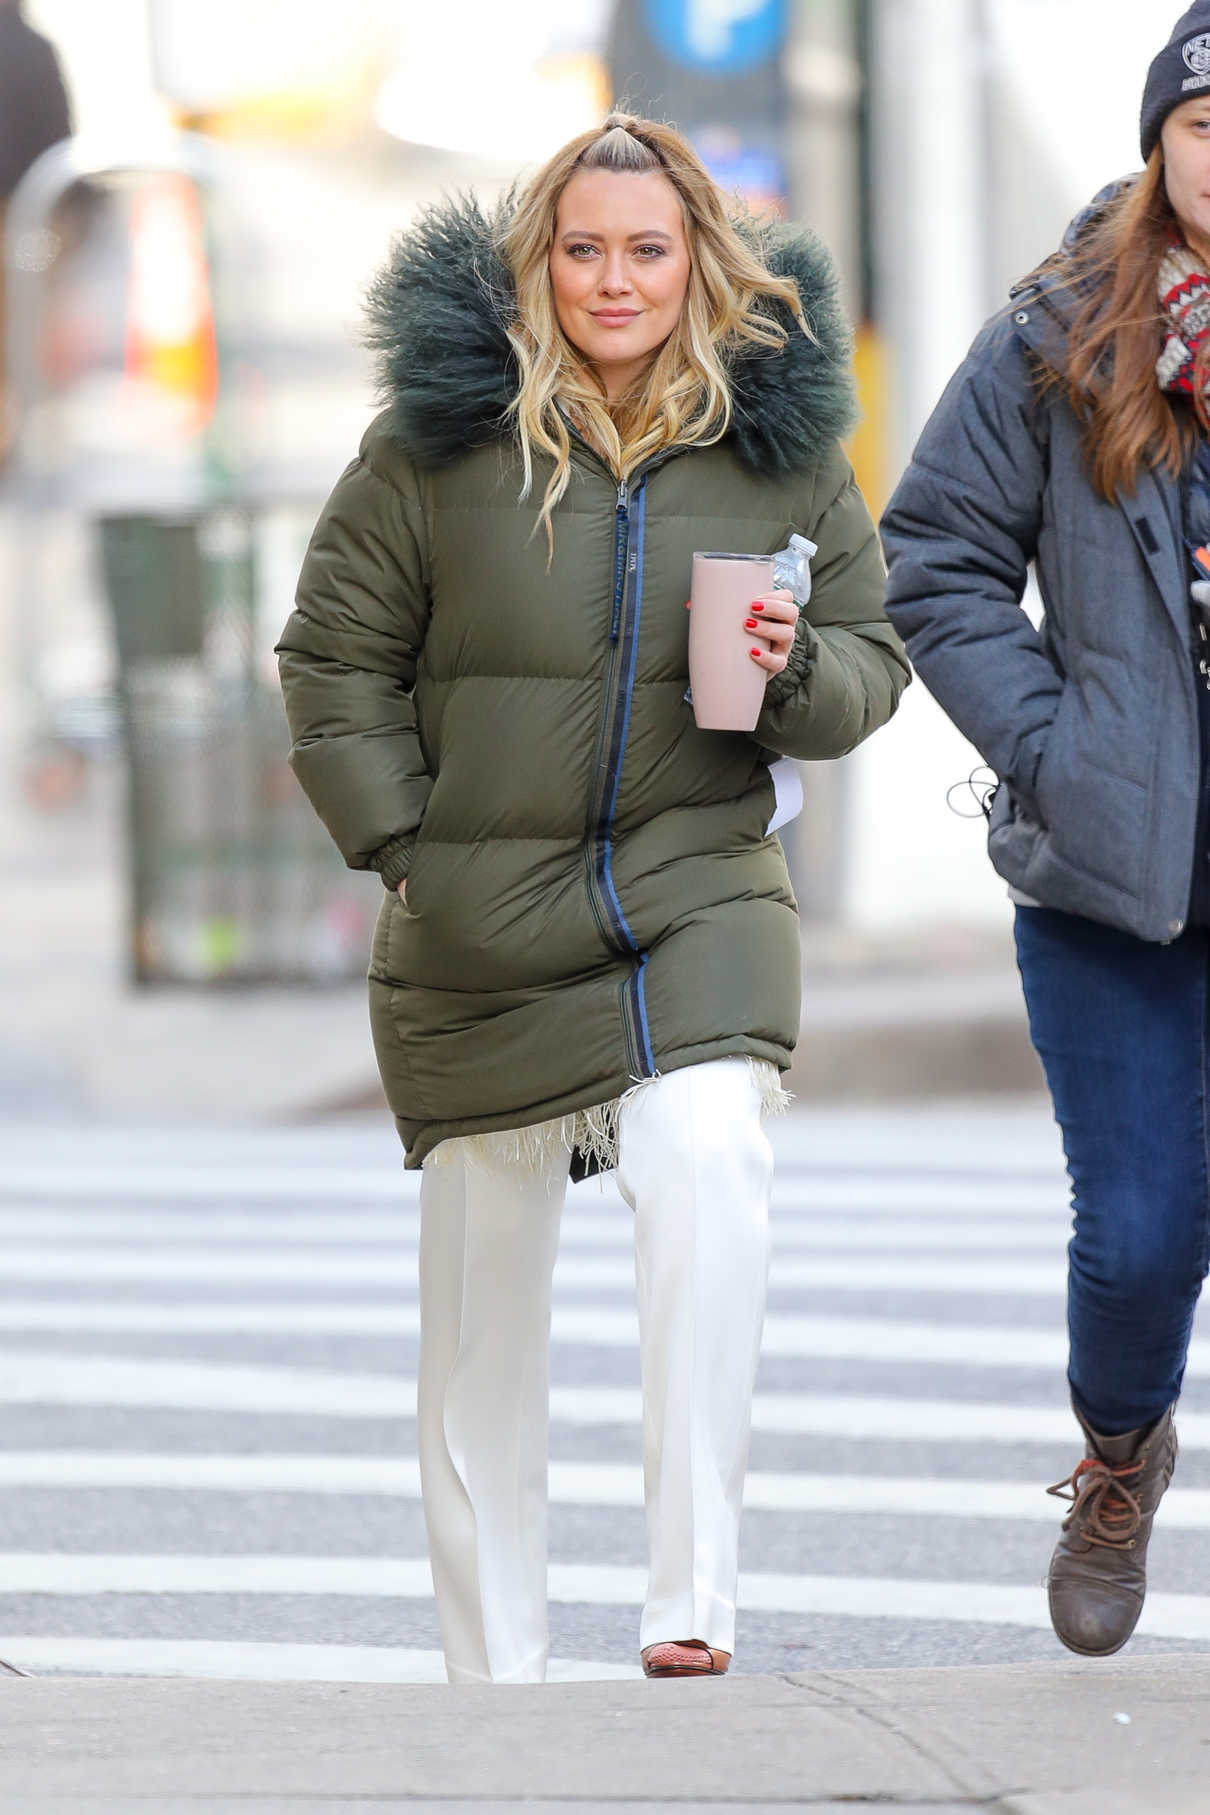 Hilary Duff in a Green Puffer Coat